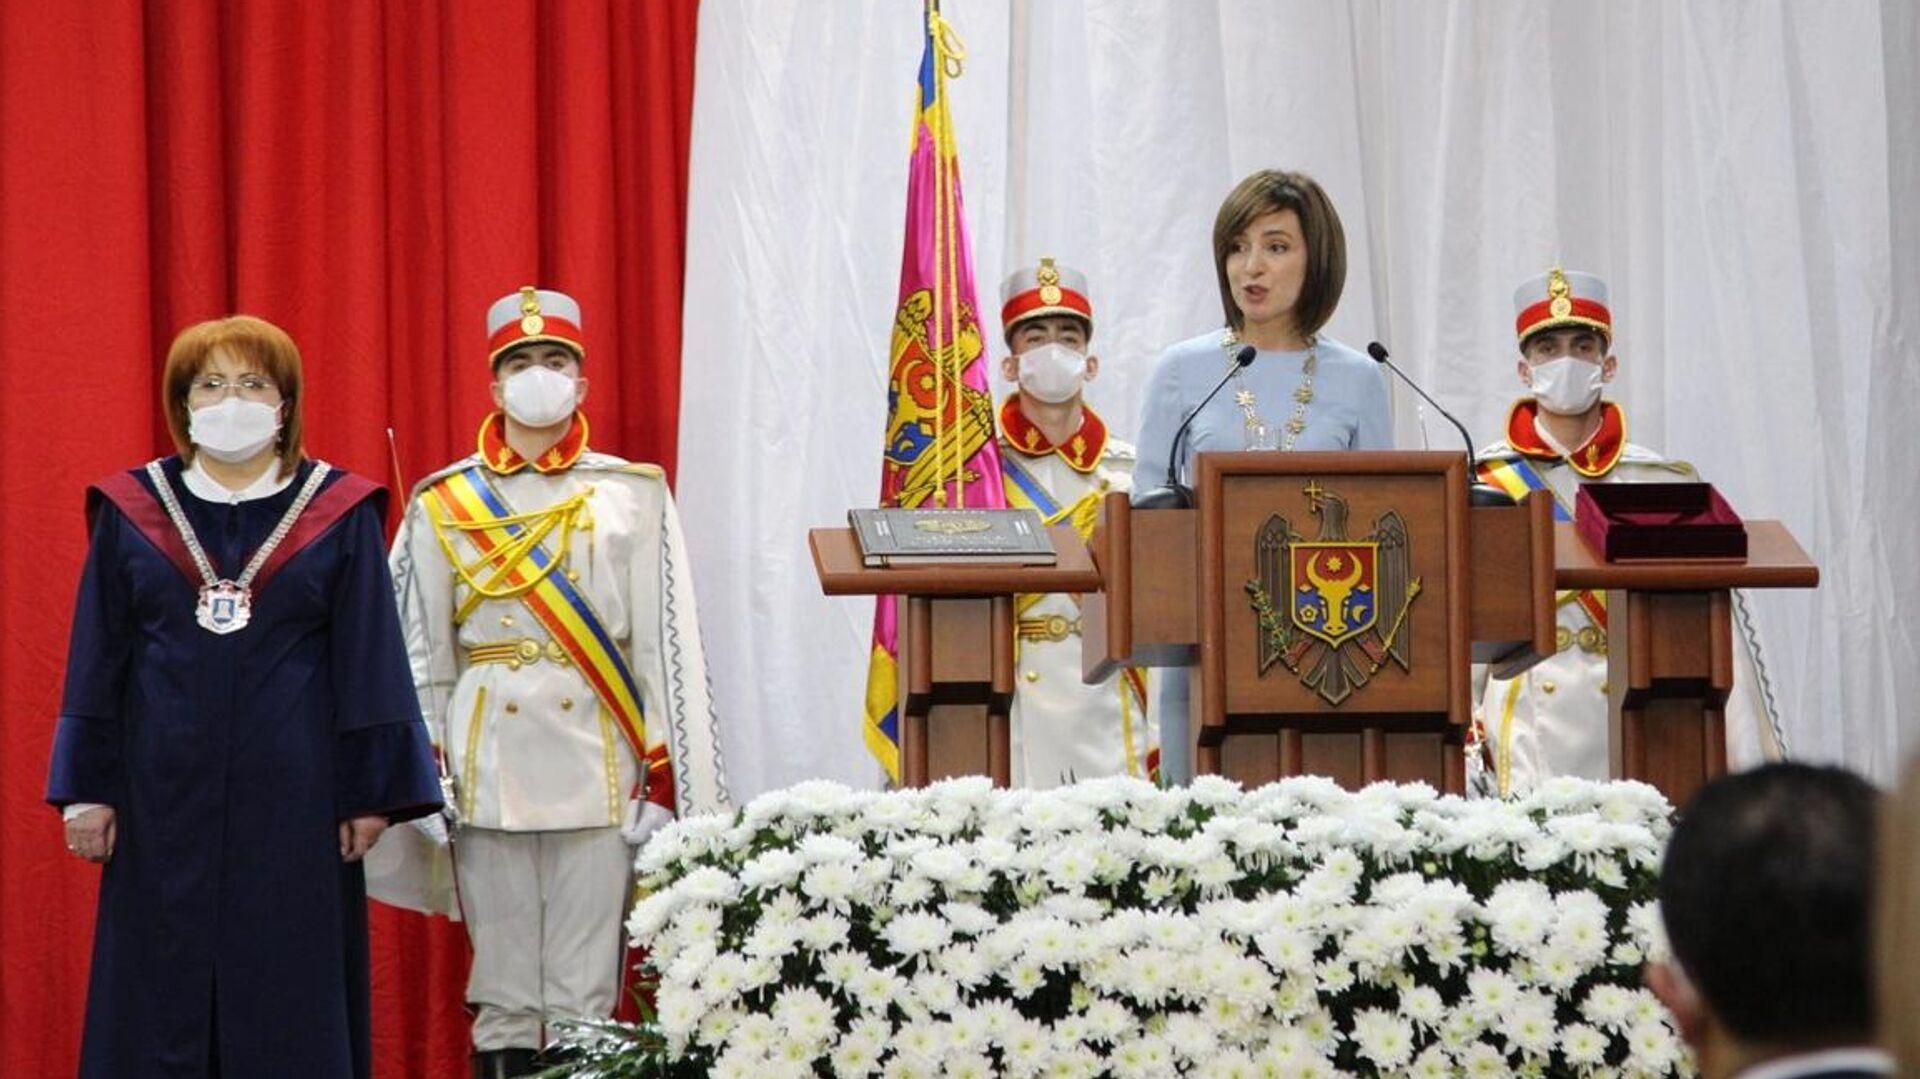 Избранный президент Молдавии Майя Санду на церемонии инаугурации во Дворце Республики в Кишиневе - РИА Новости, 1920, 24.12.2020